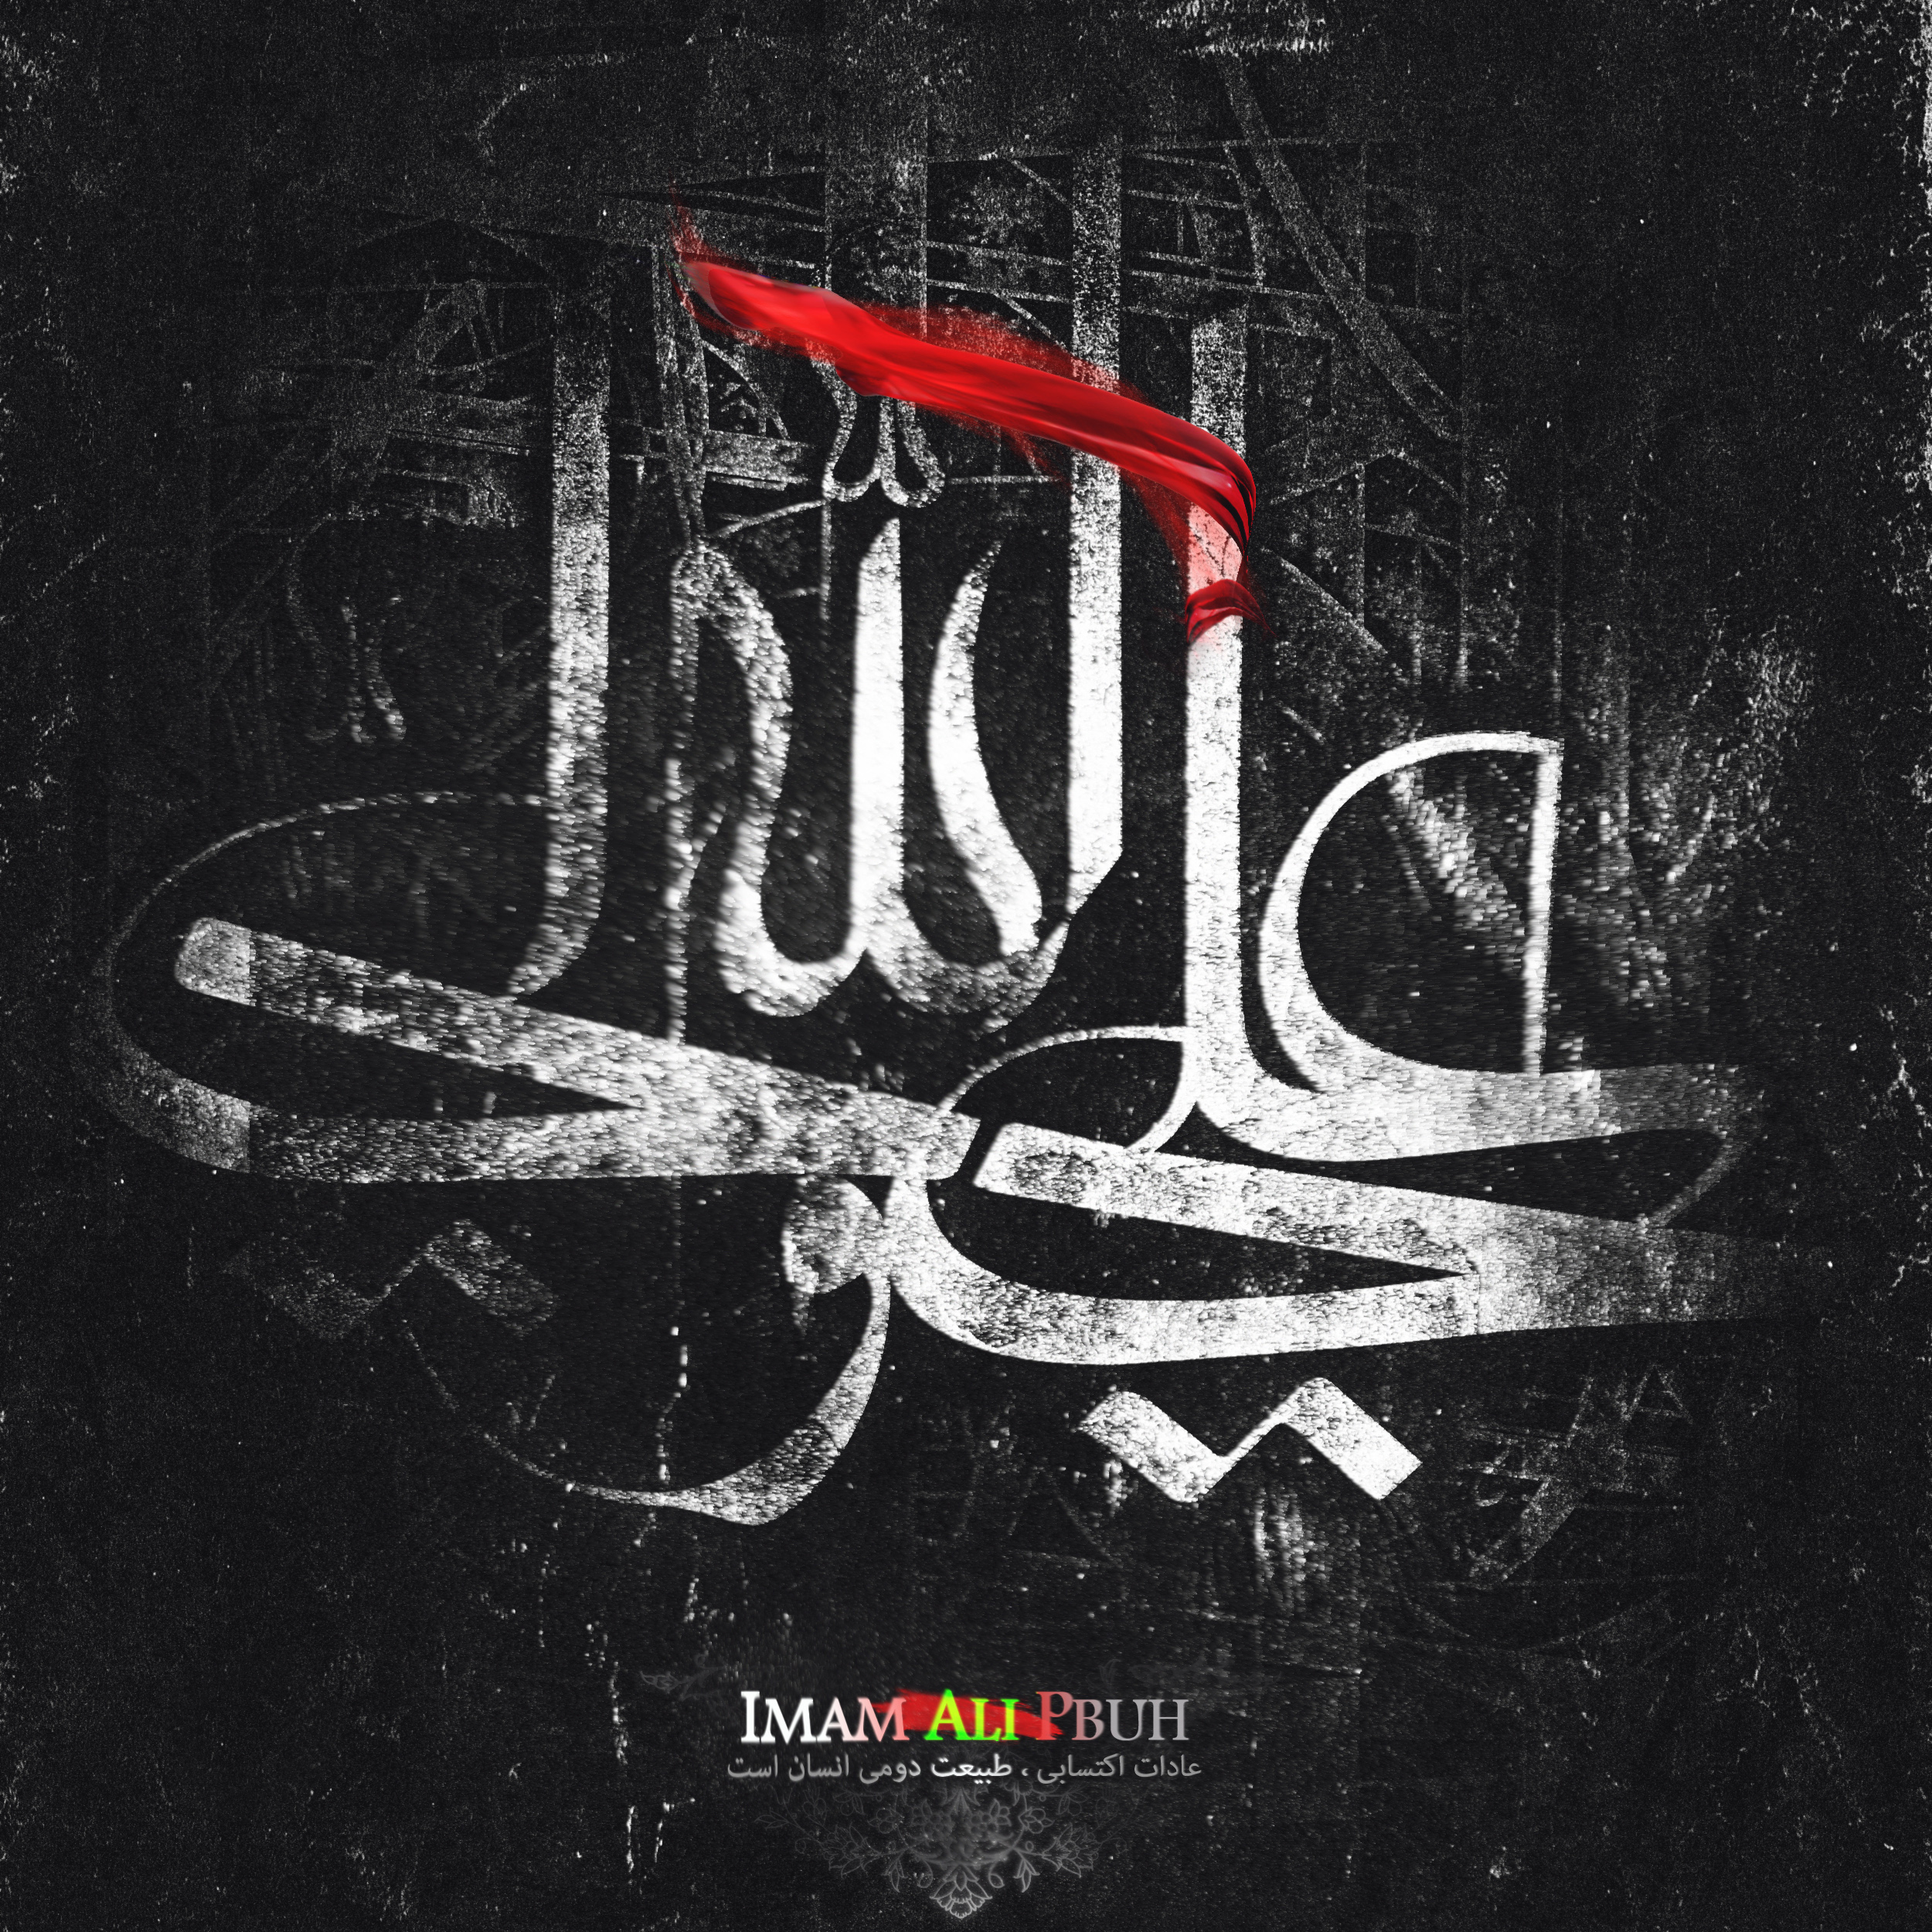 hithar_pbuh_by_ostadreza_www.yasinmedia.com